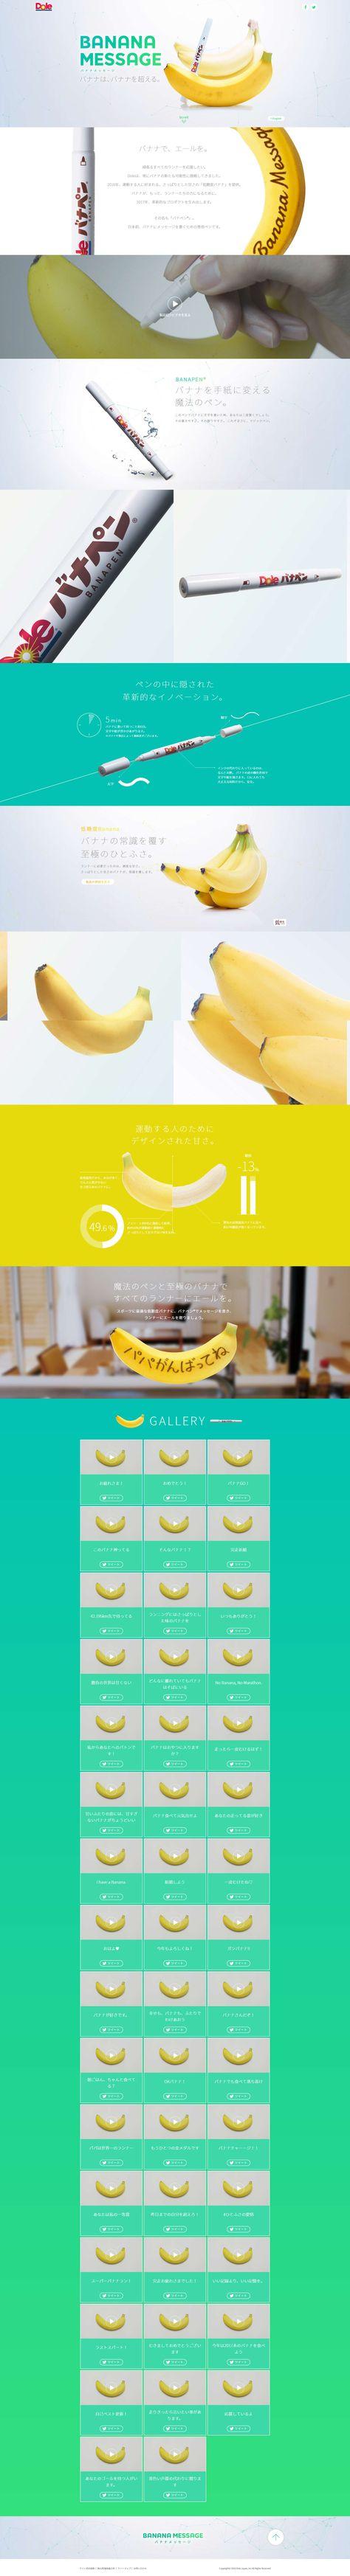 BANANA MESSAGE|WEBデザイナーさん必見!ランディングページのデザイン参考に(シンプル系)